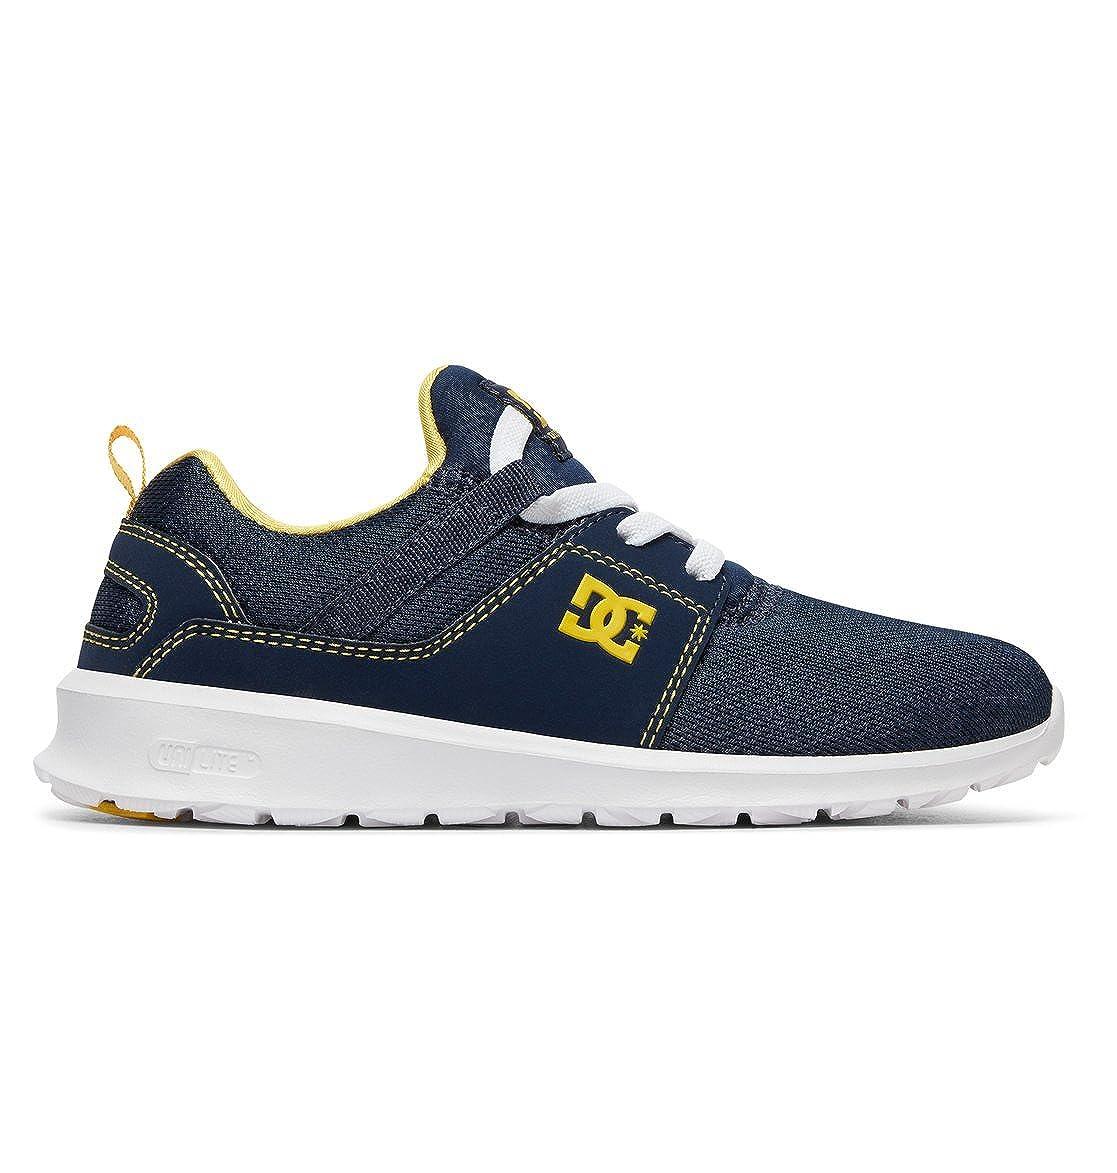 DC Shoes Heathrow B, espadrilles Garçon 27.5 - EU|Bleu - 27.5 Navy/Yellow e8d388